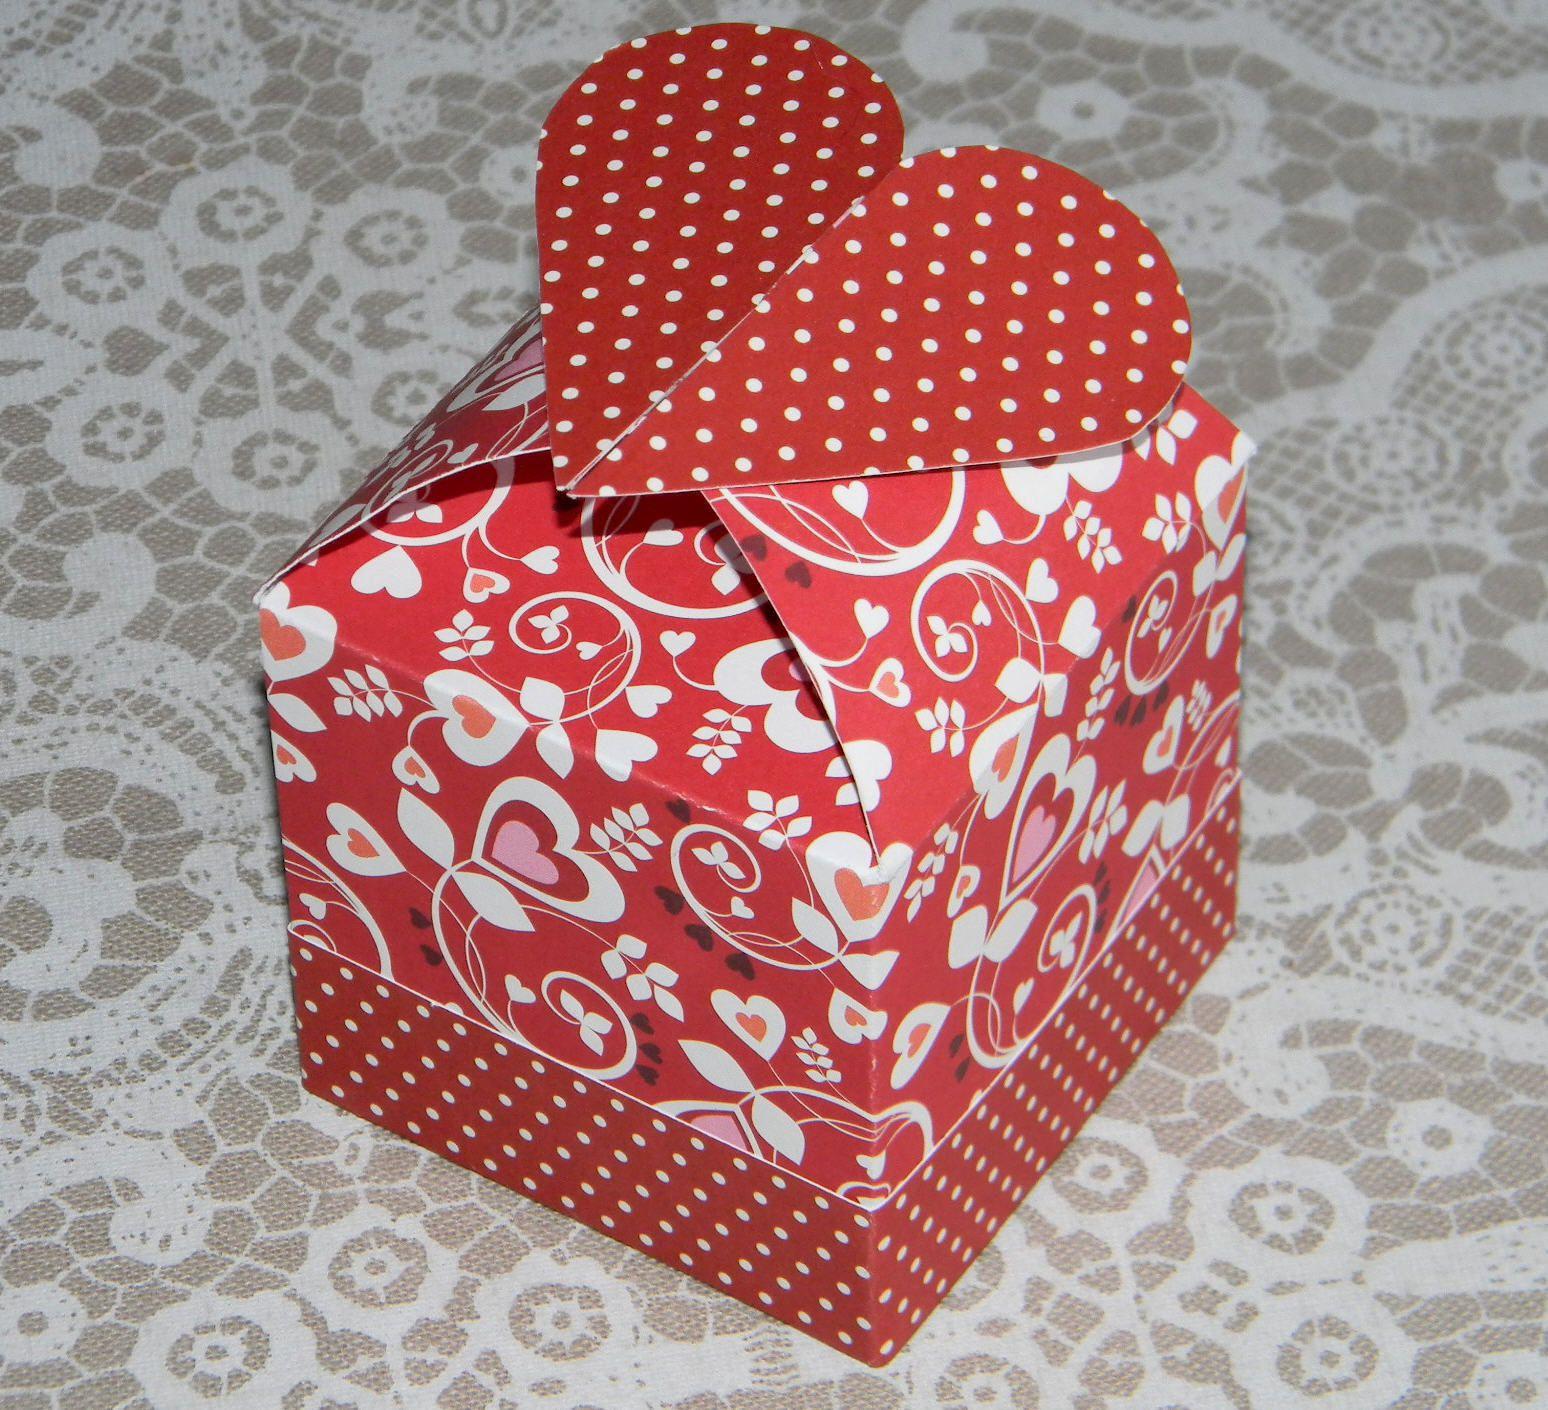 Diy Boîte Cube Avec Cœur (Gabarit À Imprimer) - Crealoutre encequiconcerne Gabarit Boite En Papier